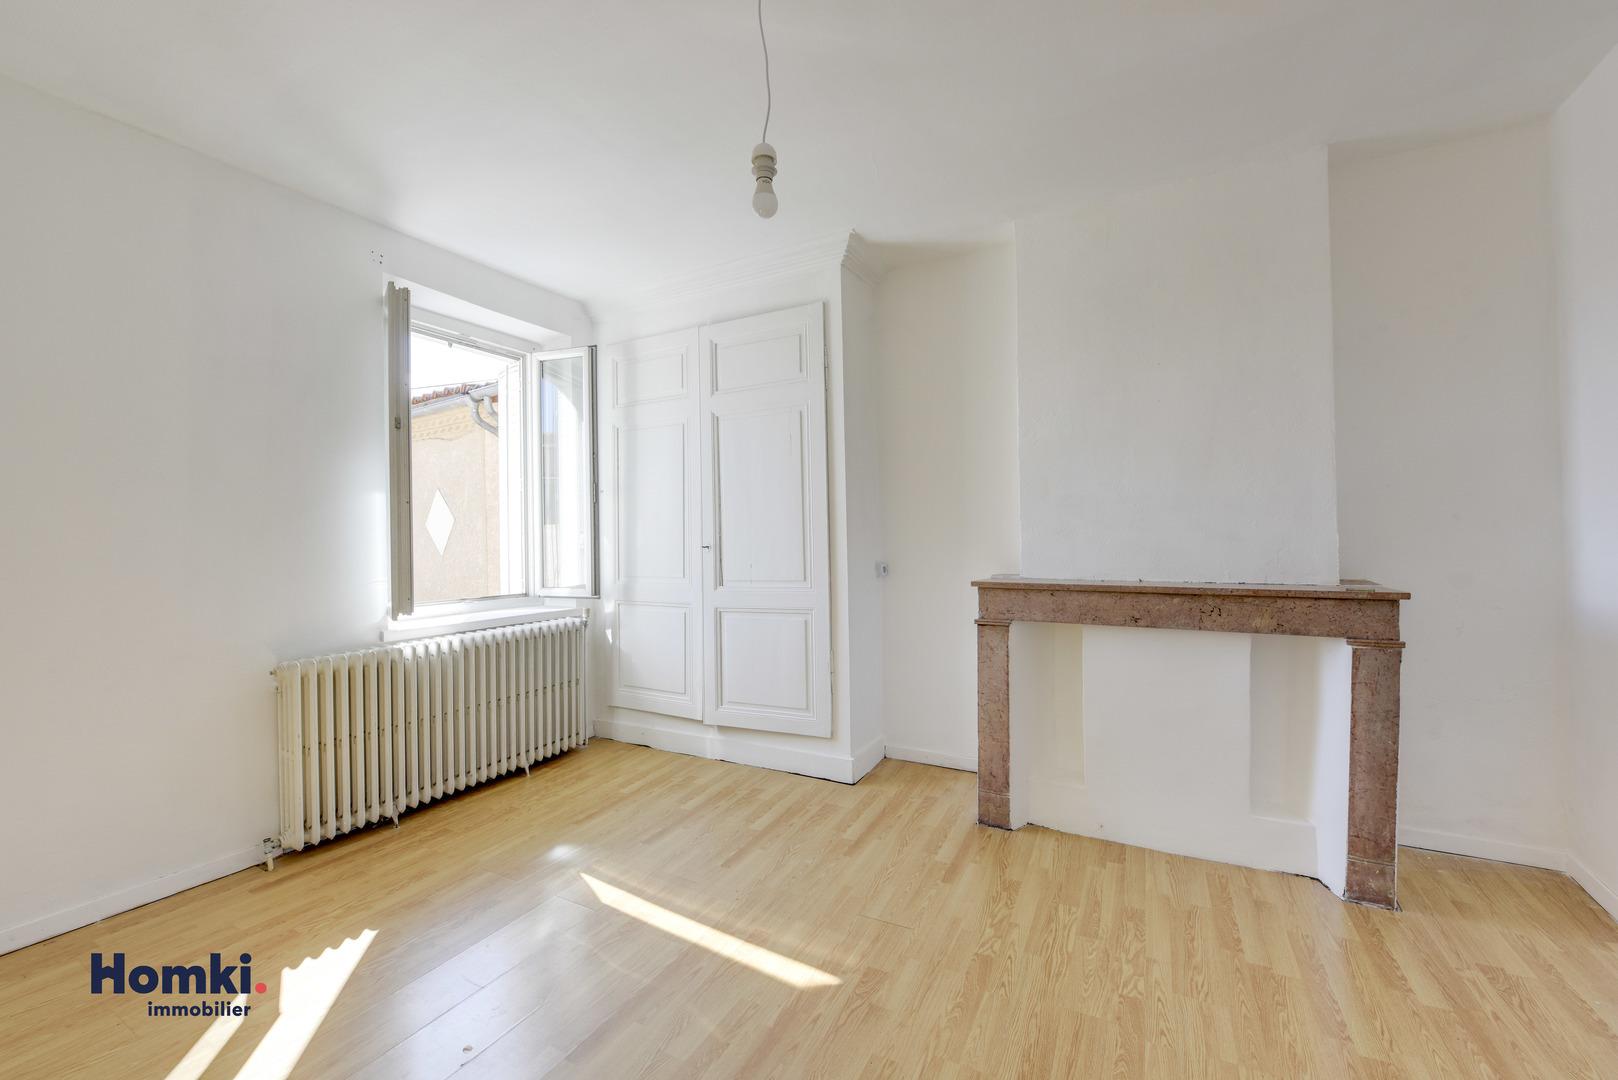 Maison I 113 m² I T4 I 38670 | photo 6